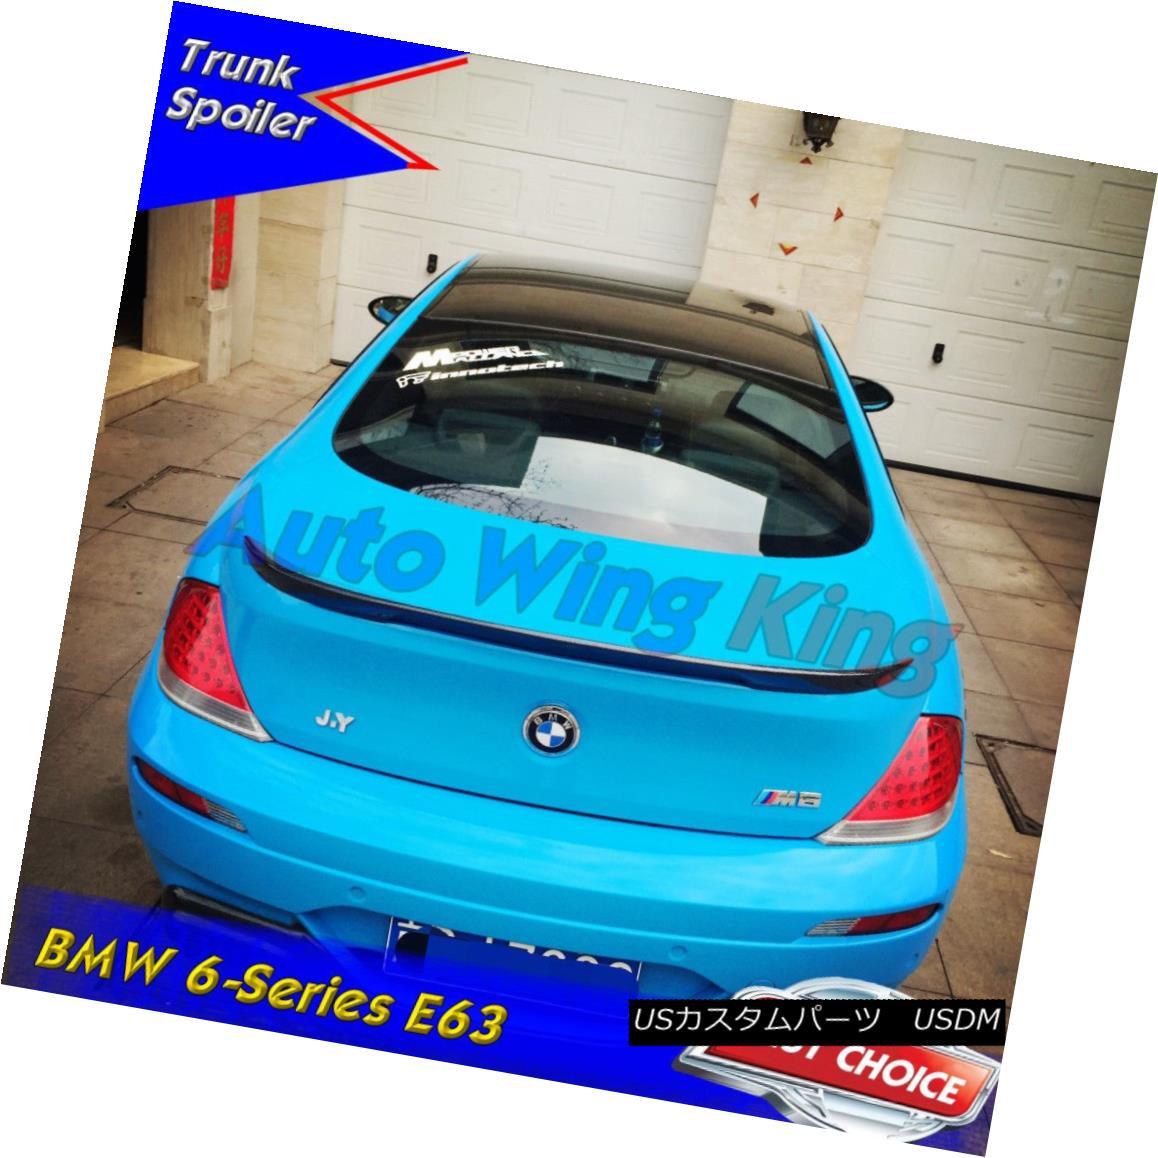 エアロパーツ Painted New FRP V Type Rear Trunk Spoiler Wing For 04-08 BMW E63 6 Series Coupe ペイントされた新しいFRP Vタイプのリアトランクスポイラーウィング04-08 BMW E63 6シリーズクーペ